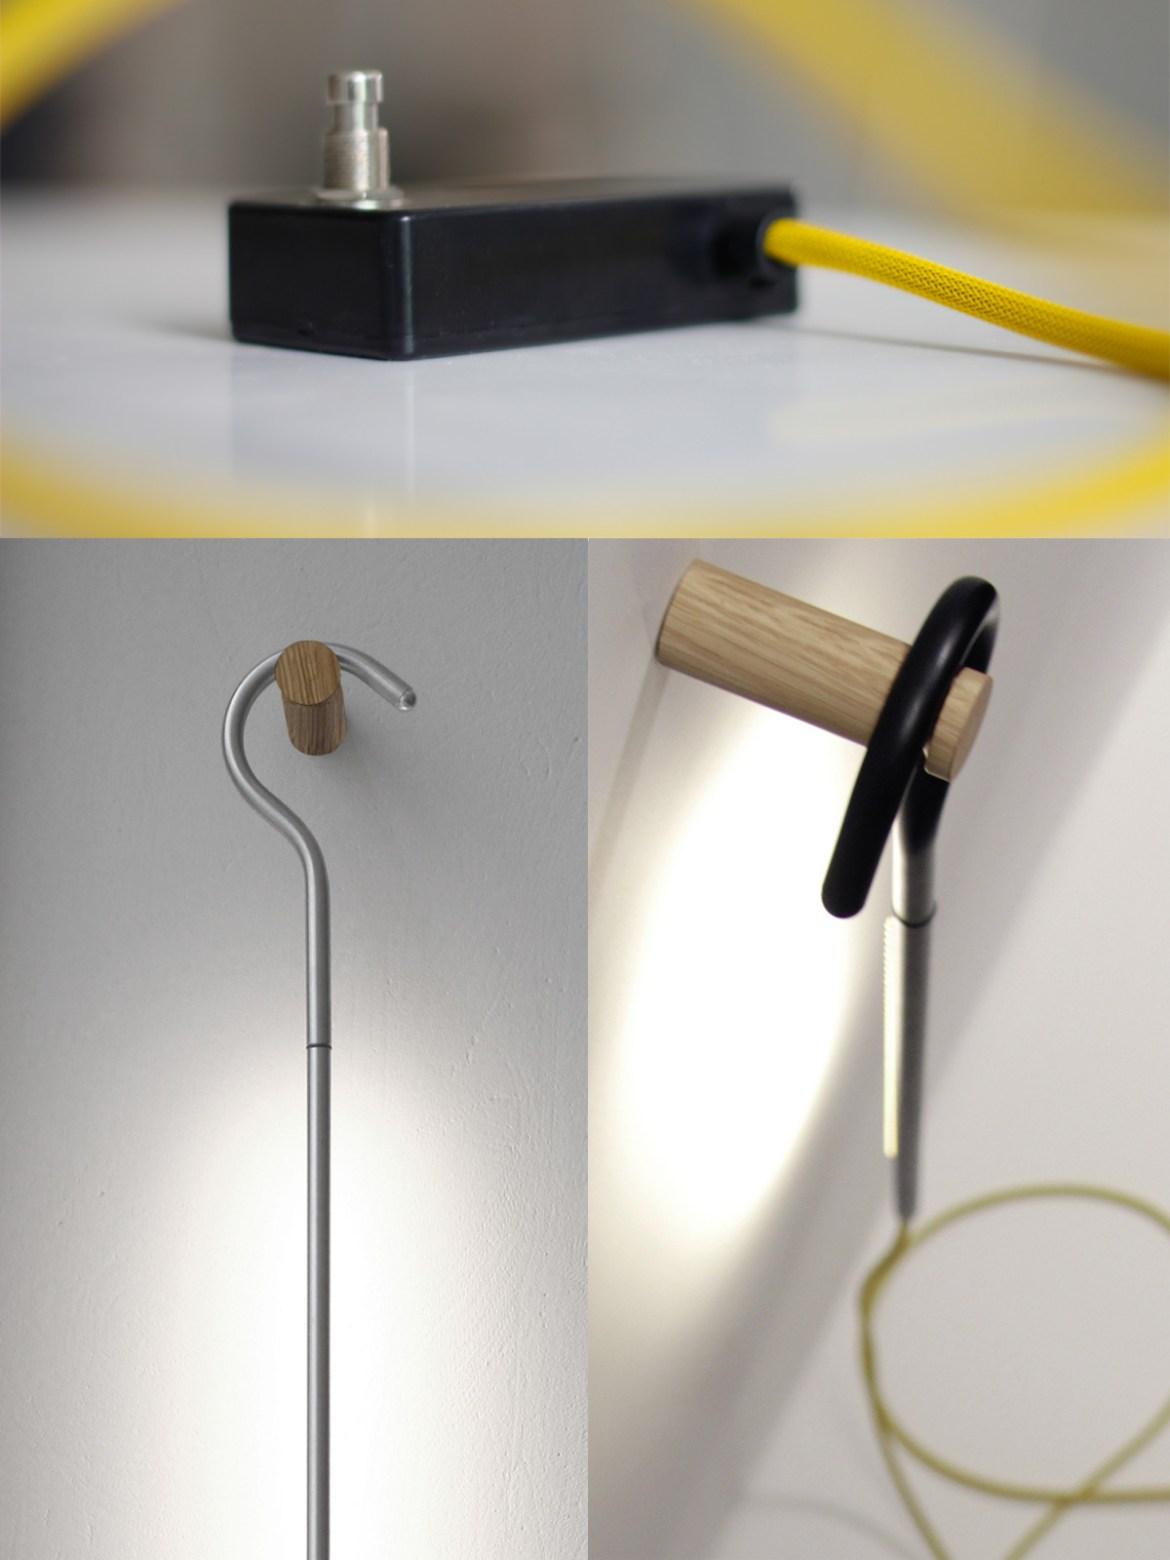 DesignOrt Blog: Deutsche Designerleuchten Teil 2 Stehlampe Bodenlampe Lehnlampe